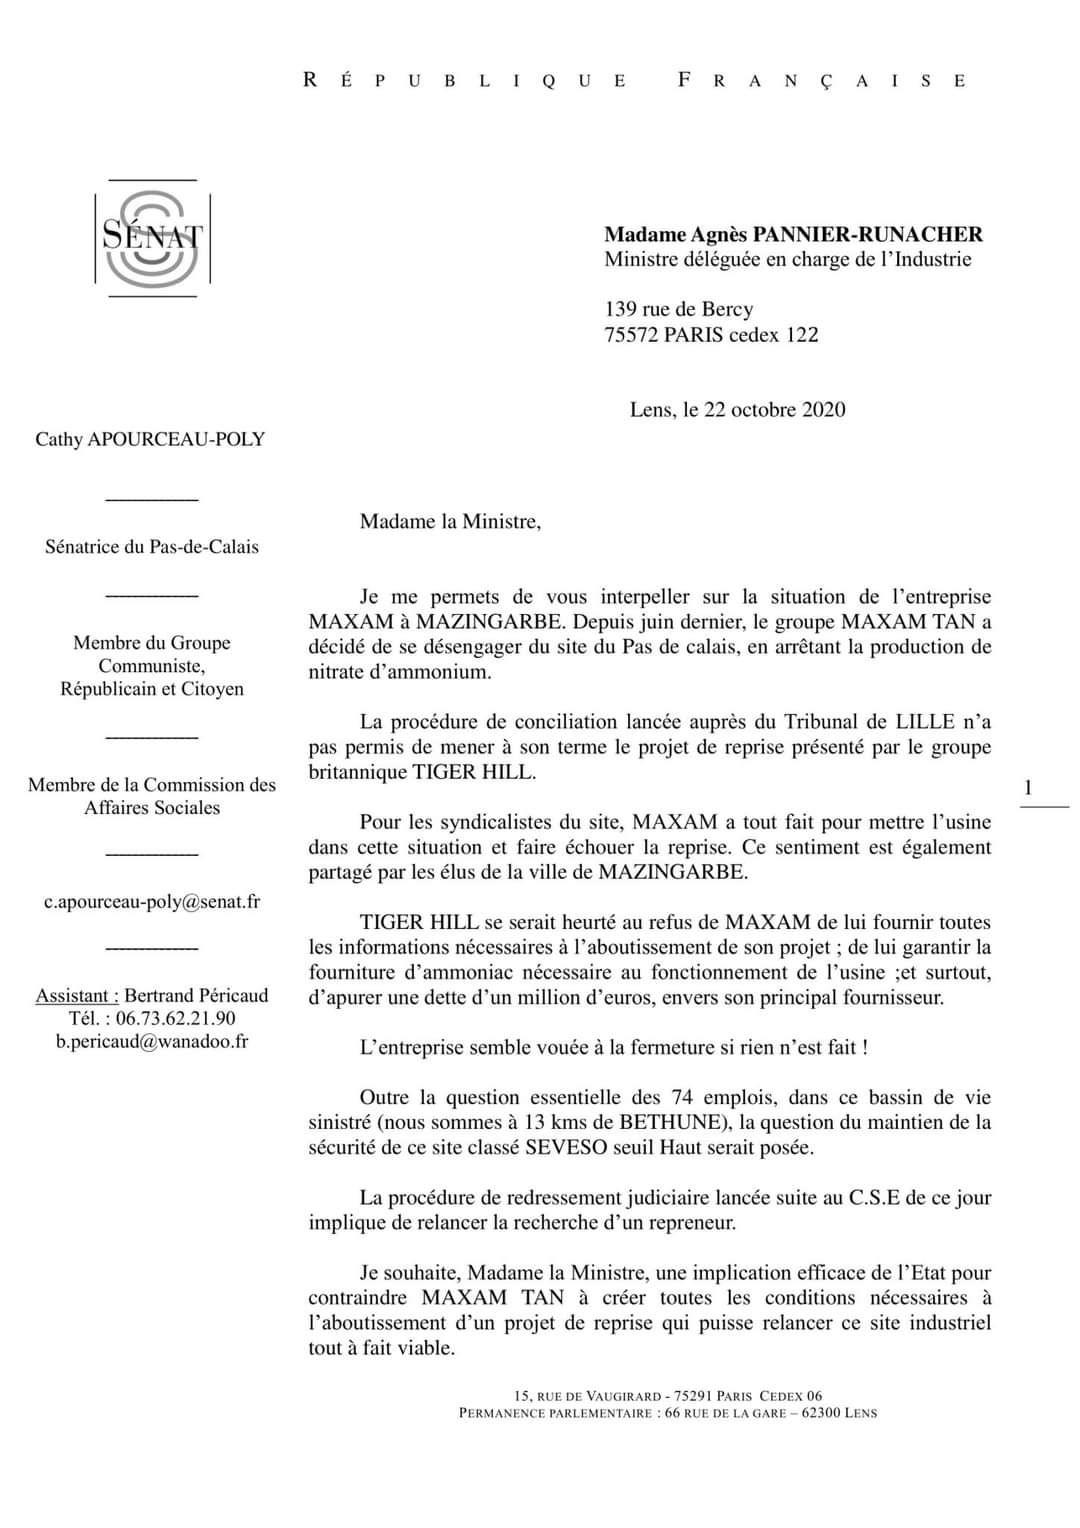 Avenir de Maxam à Mazingarbe : Cathy Apourceau-Poly interpelle la ministre Agnès Pannier-Runacher